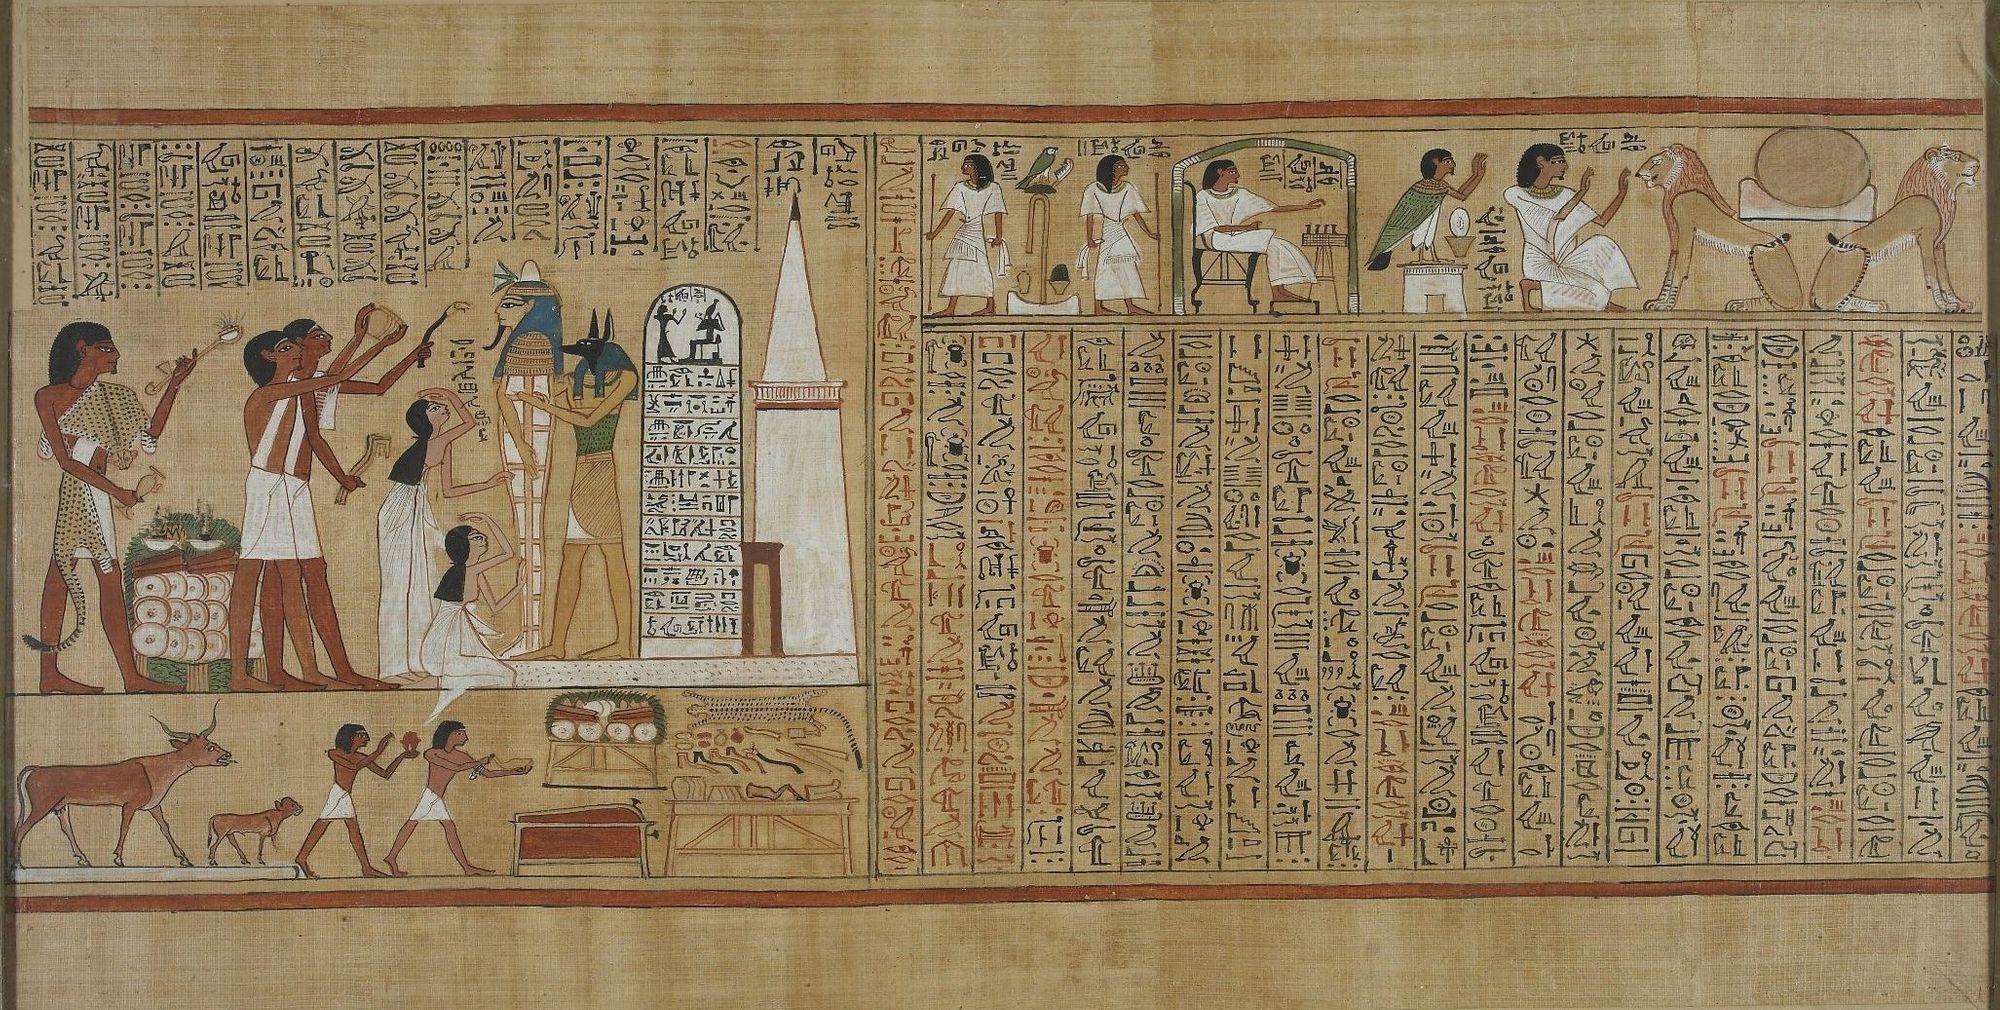 大英博物館的《死者之書》也是同時具備文物性、藝術性和稀缺性的珍貴文物。